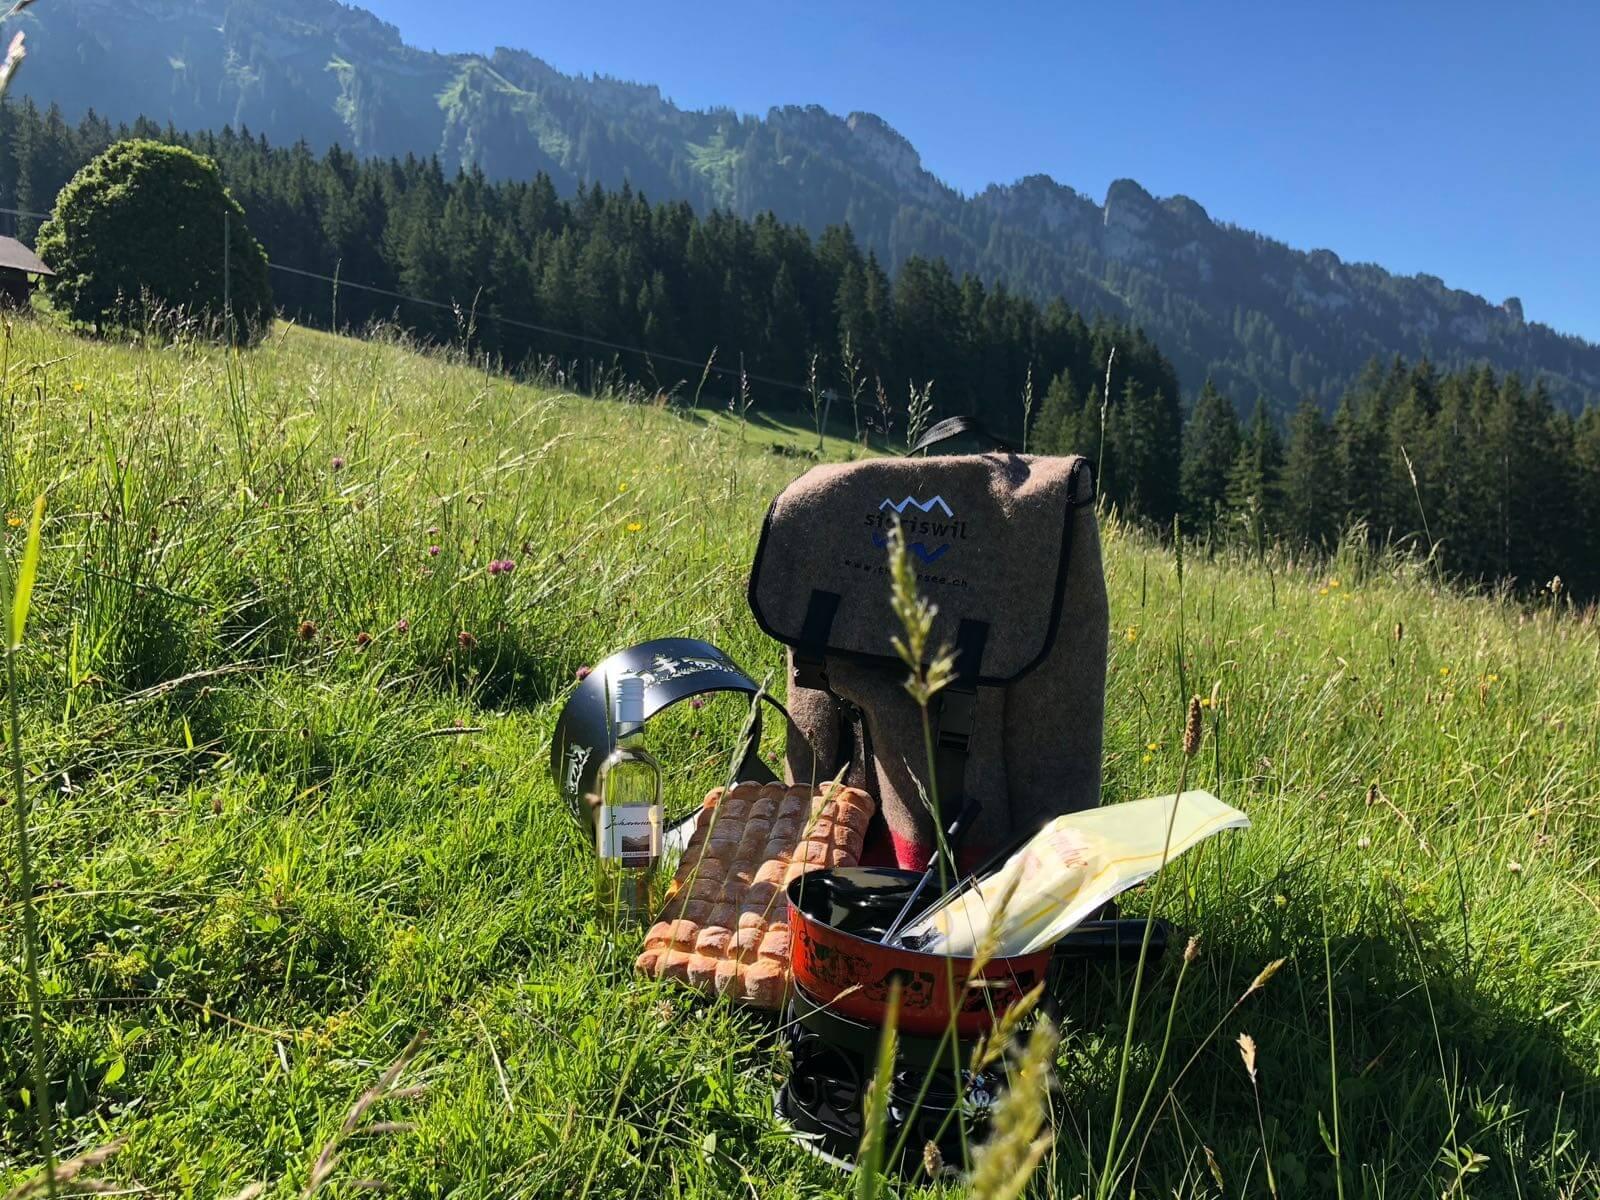 sigriswil-fonduerucksack-wandern-sommer-essen